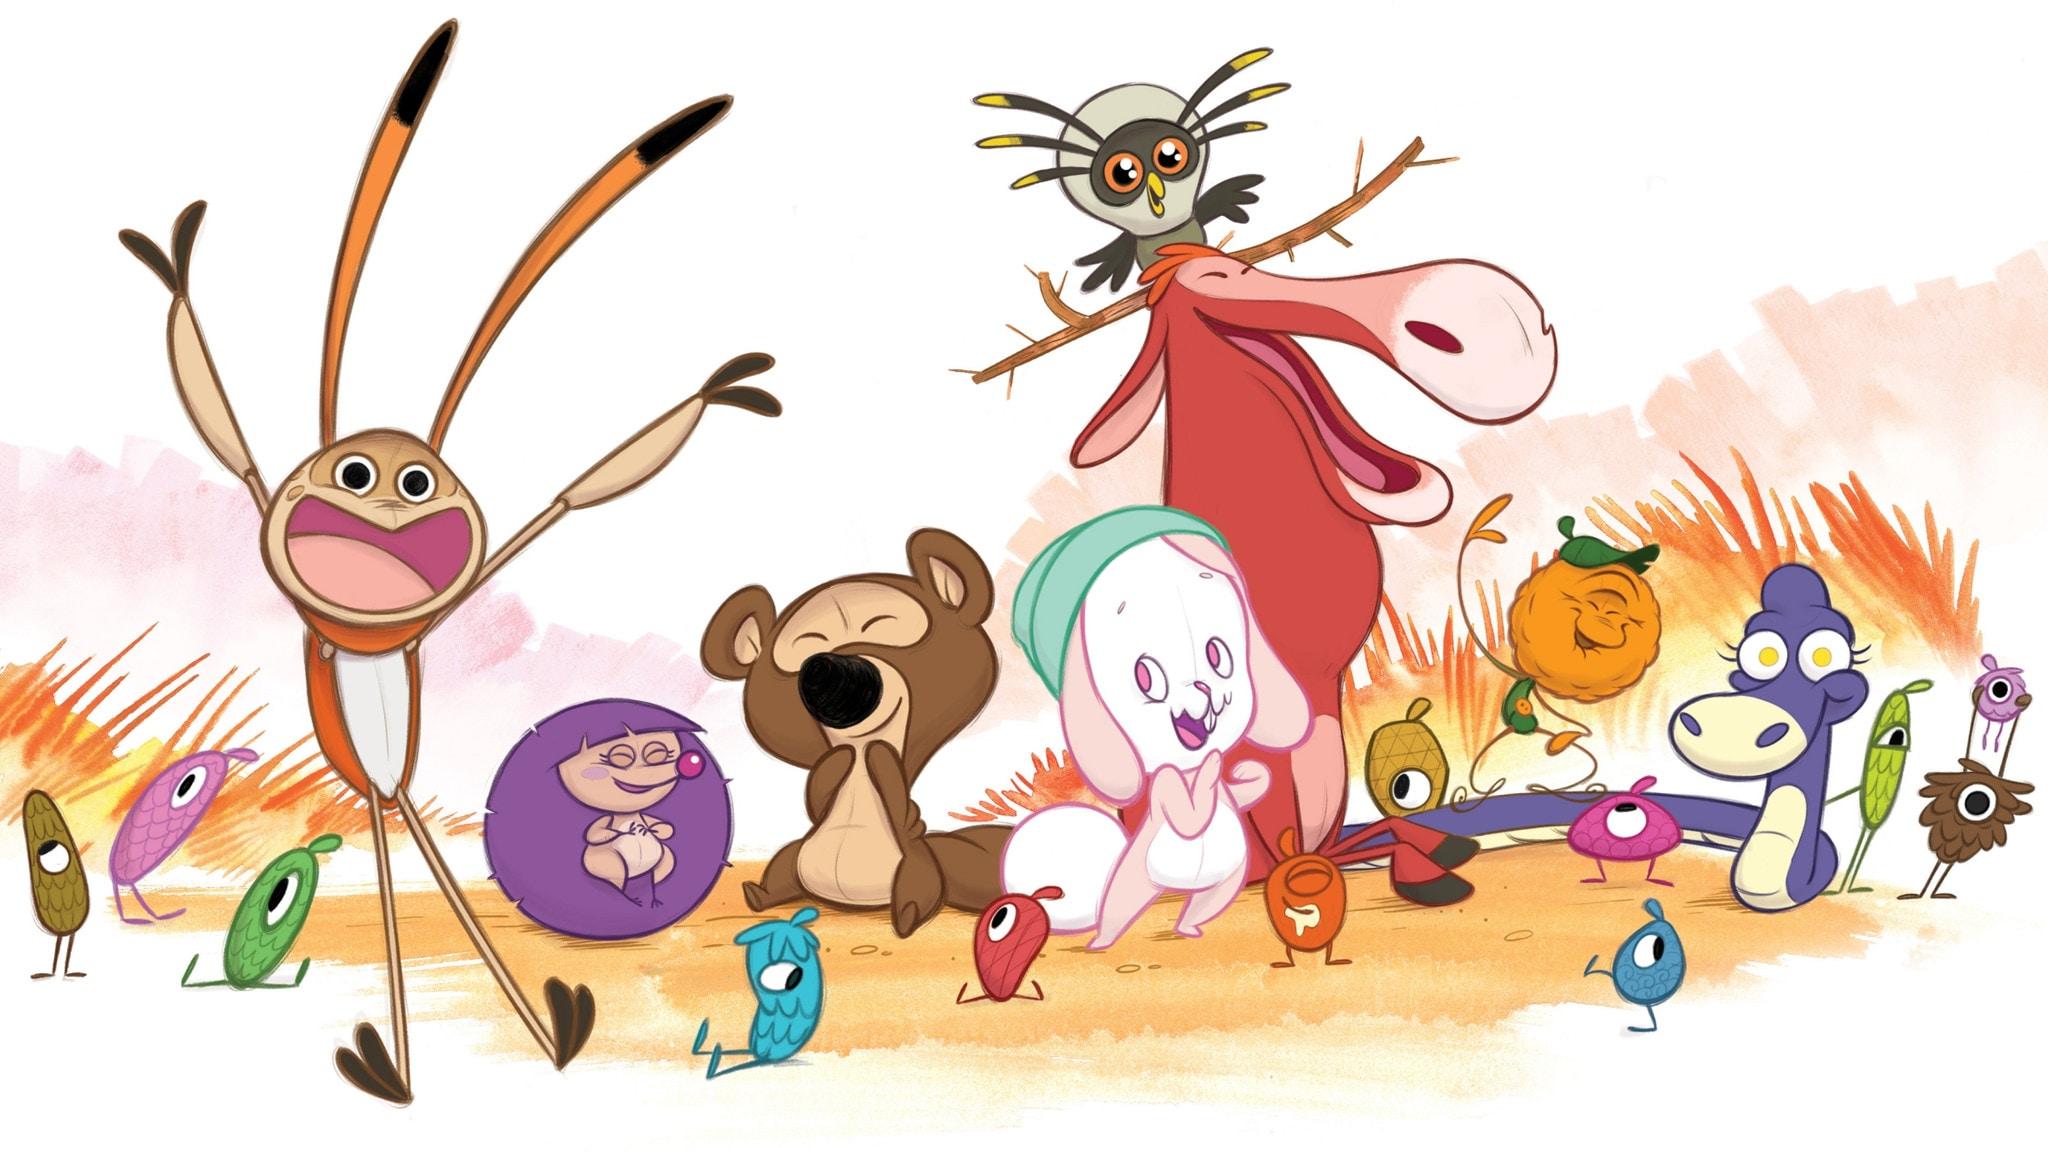 Rai Yoyo Ridolino e i suoi piccoli amici - S1E13 - Sfide spaventose